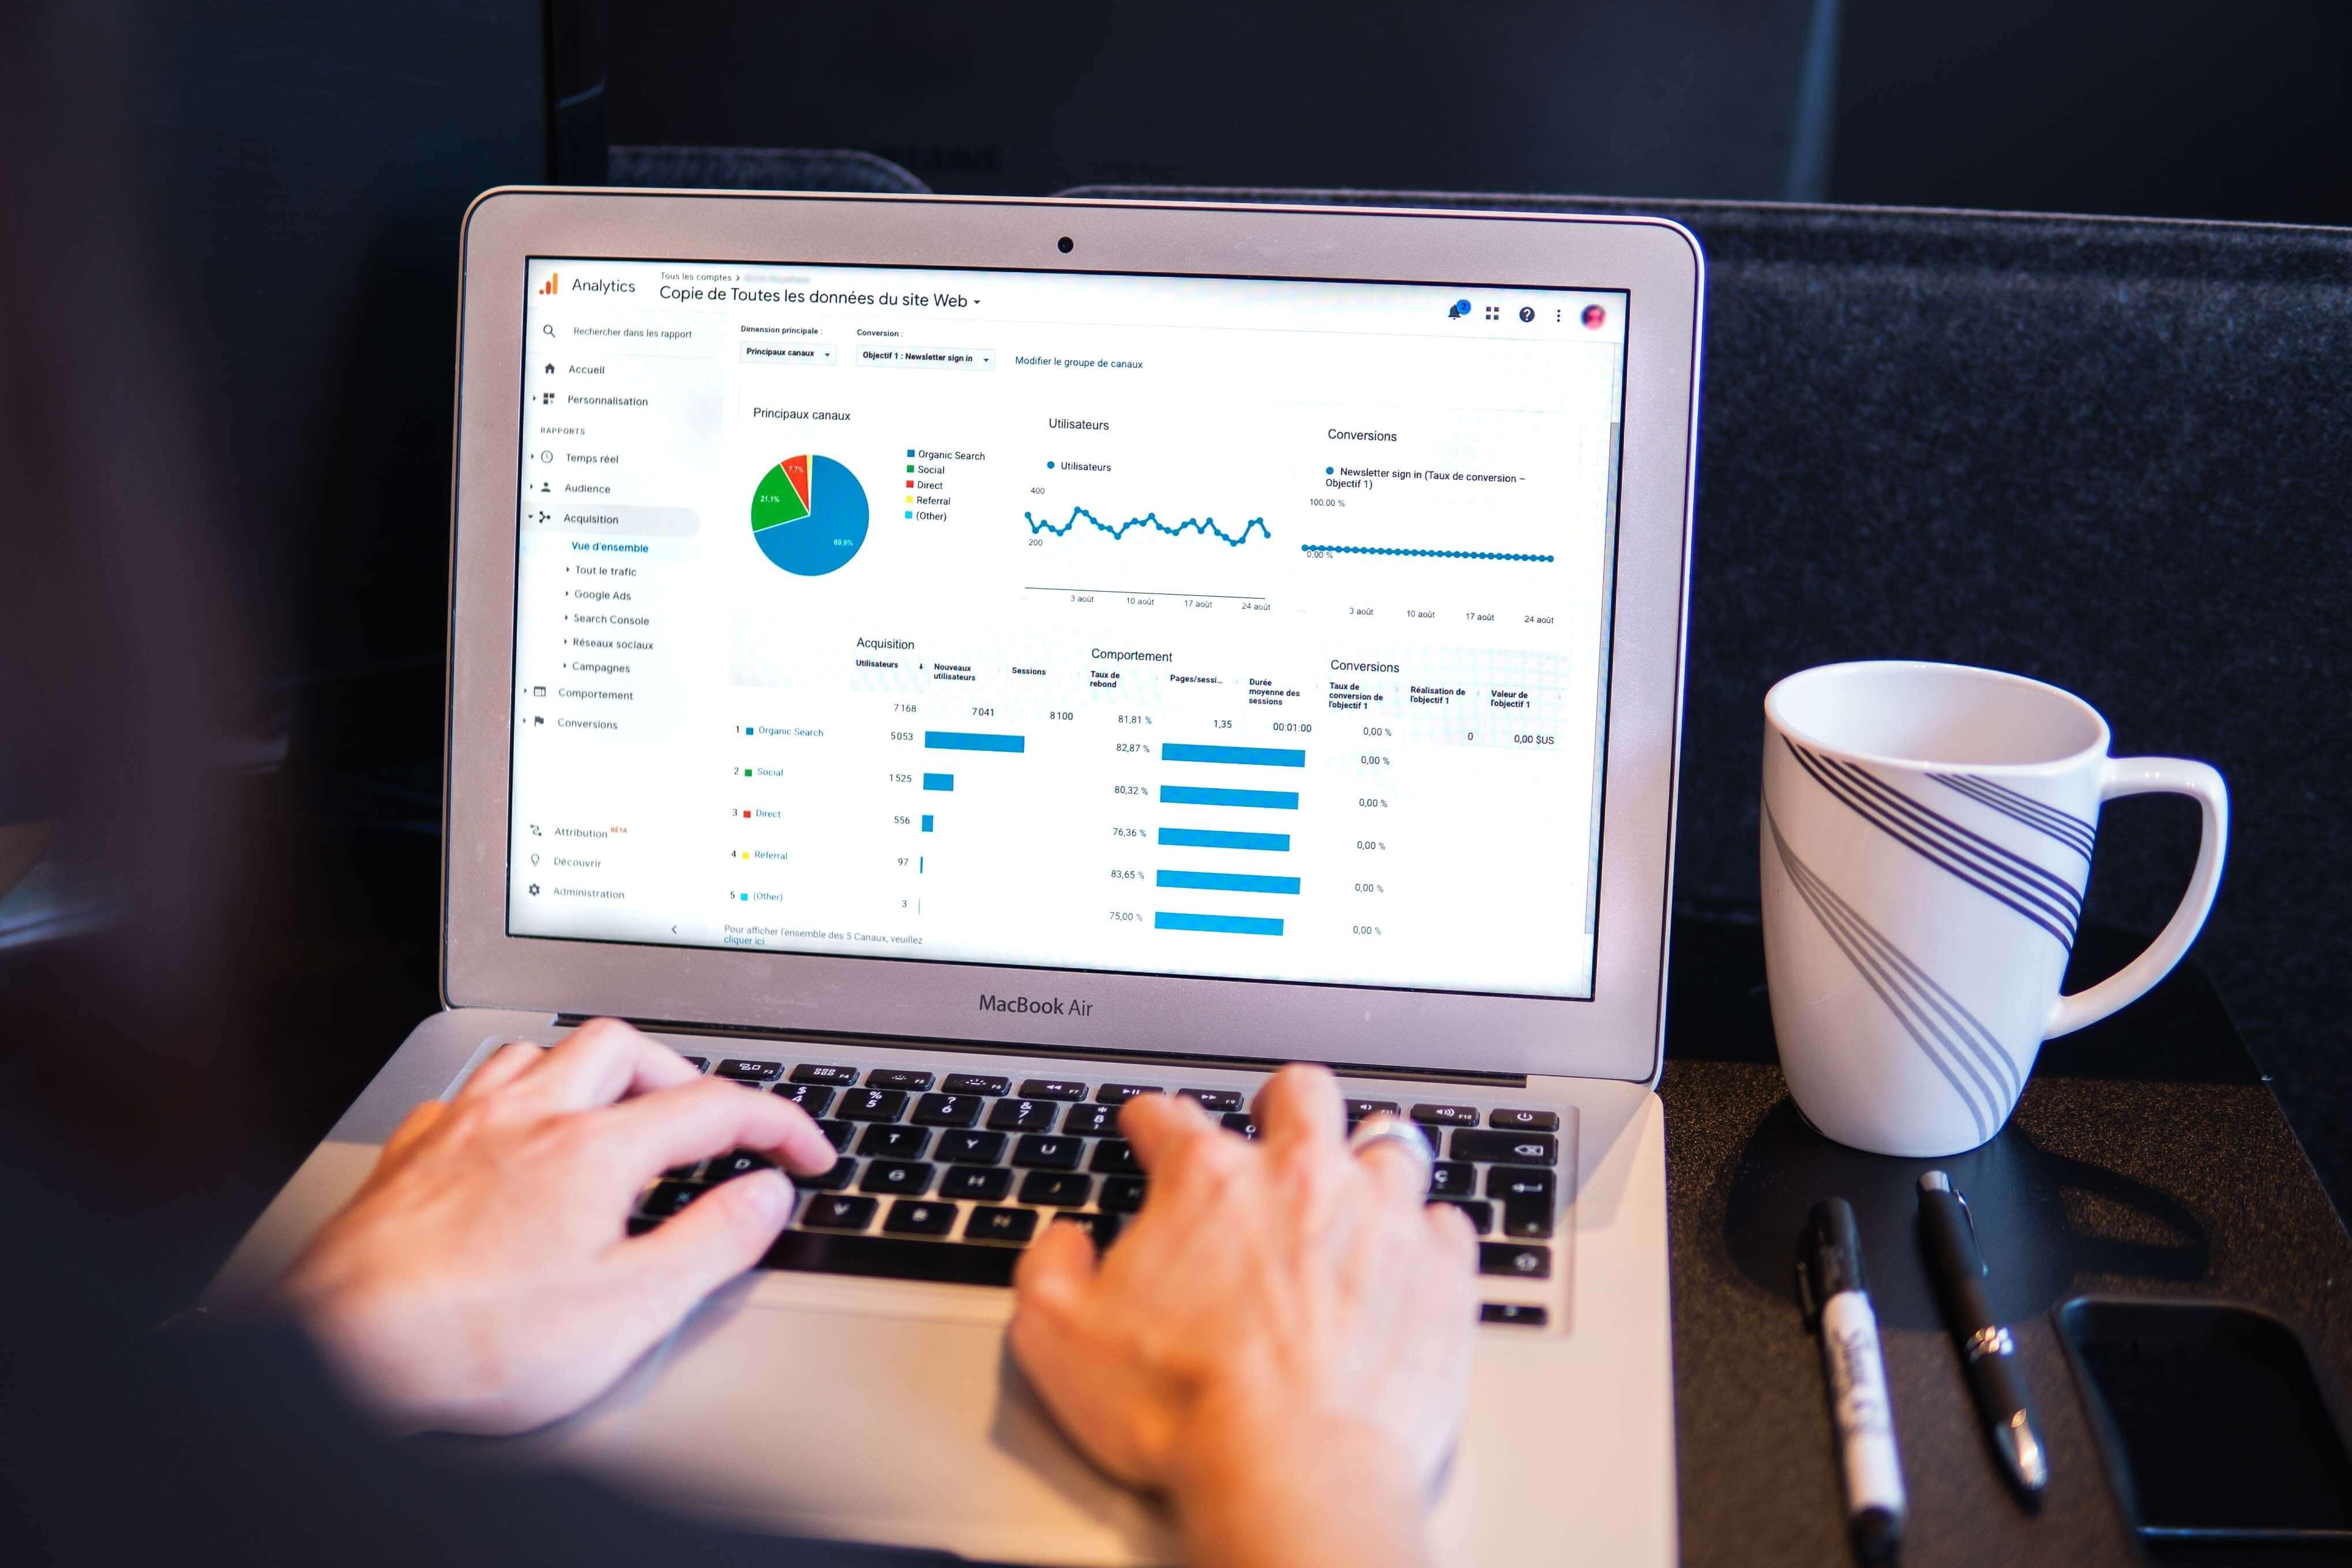 KPI en marketing: ¿qué son y cuáles son los más usados?